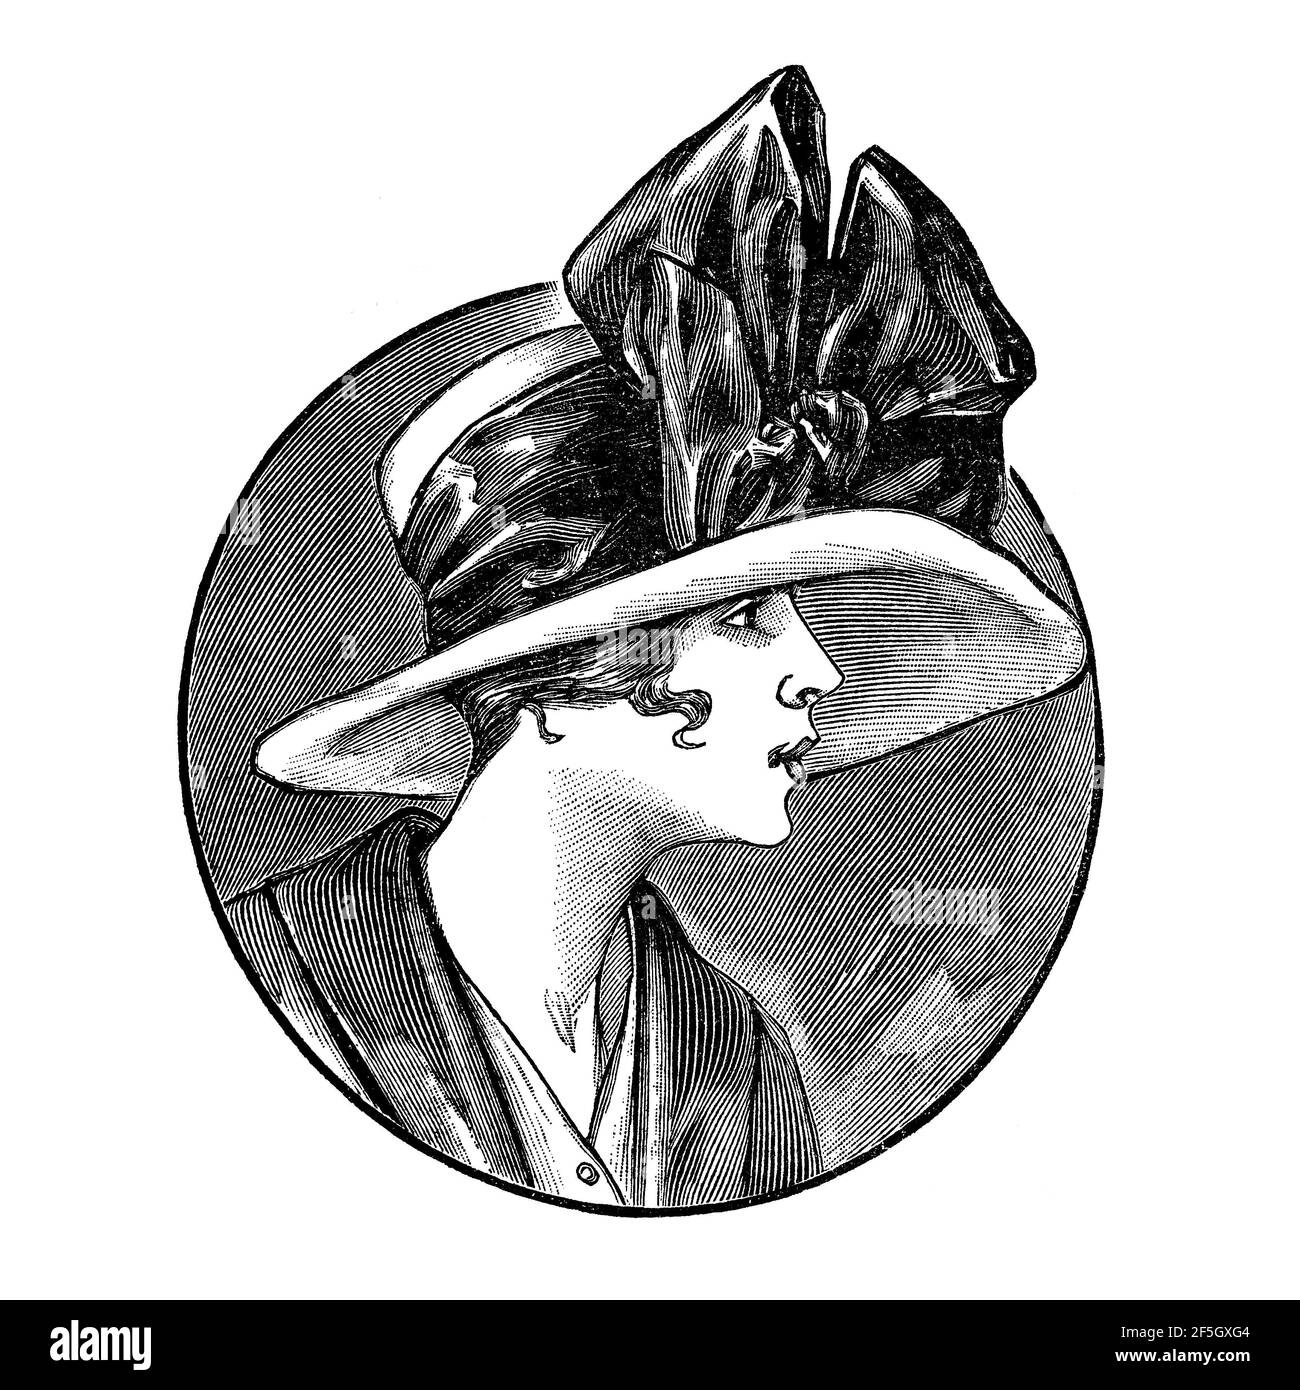 Femmes portant un chapeau de style rétro. Gravure de mode vintage de 1919, France, Paris Banque D'Images